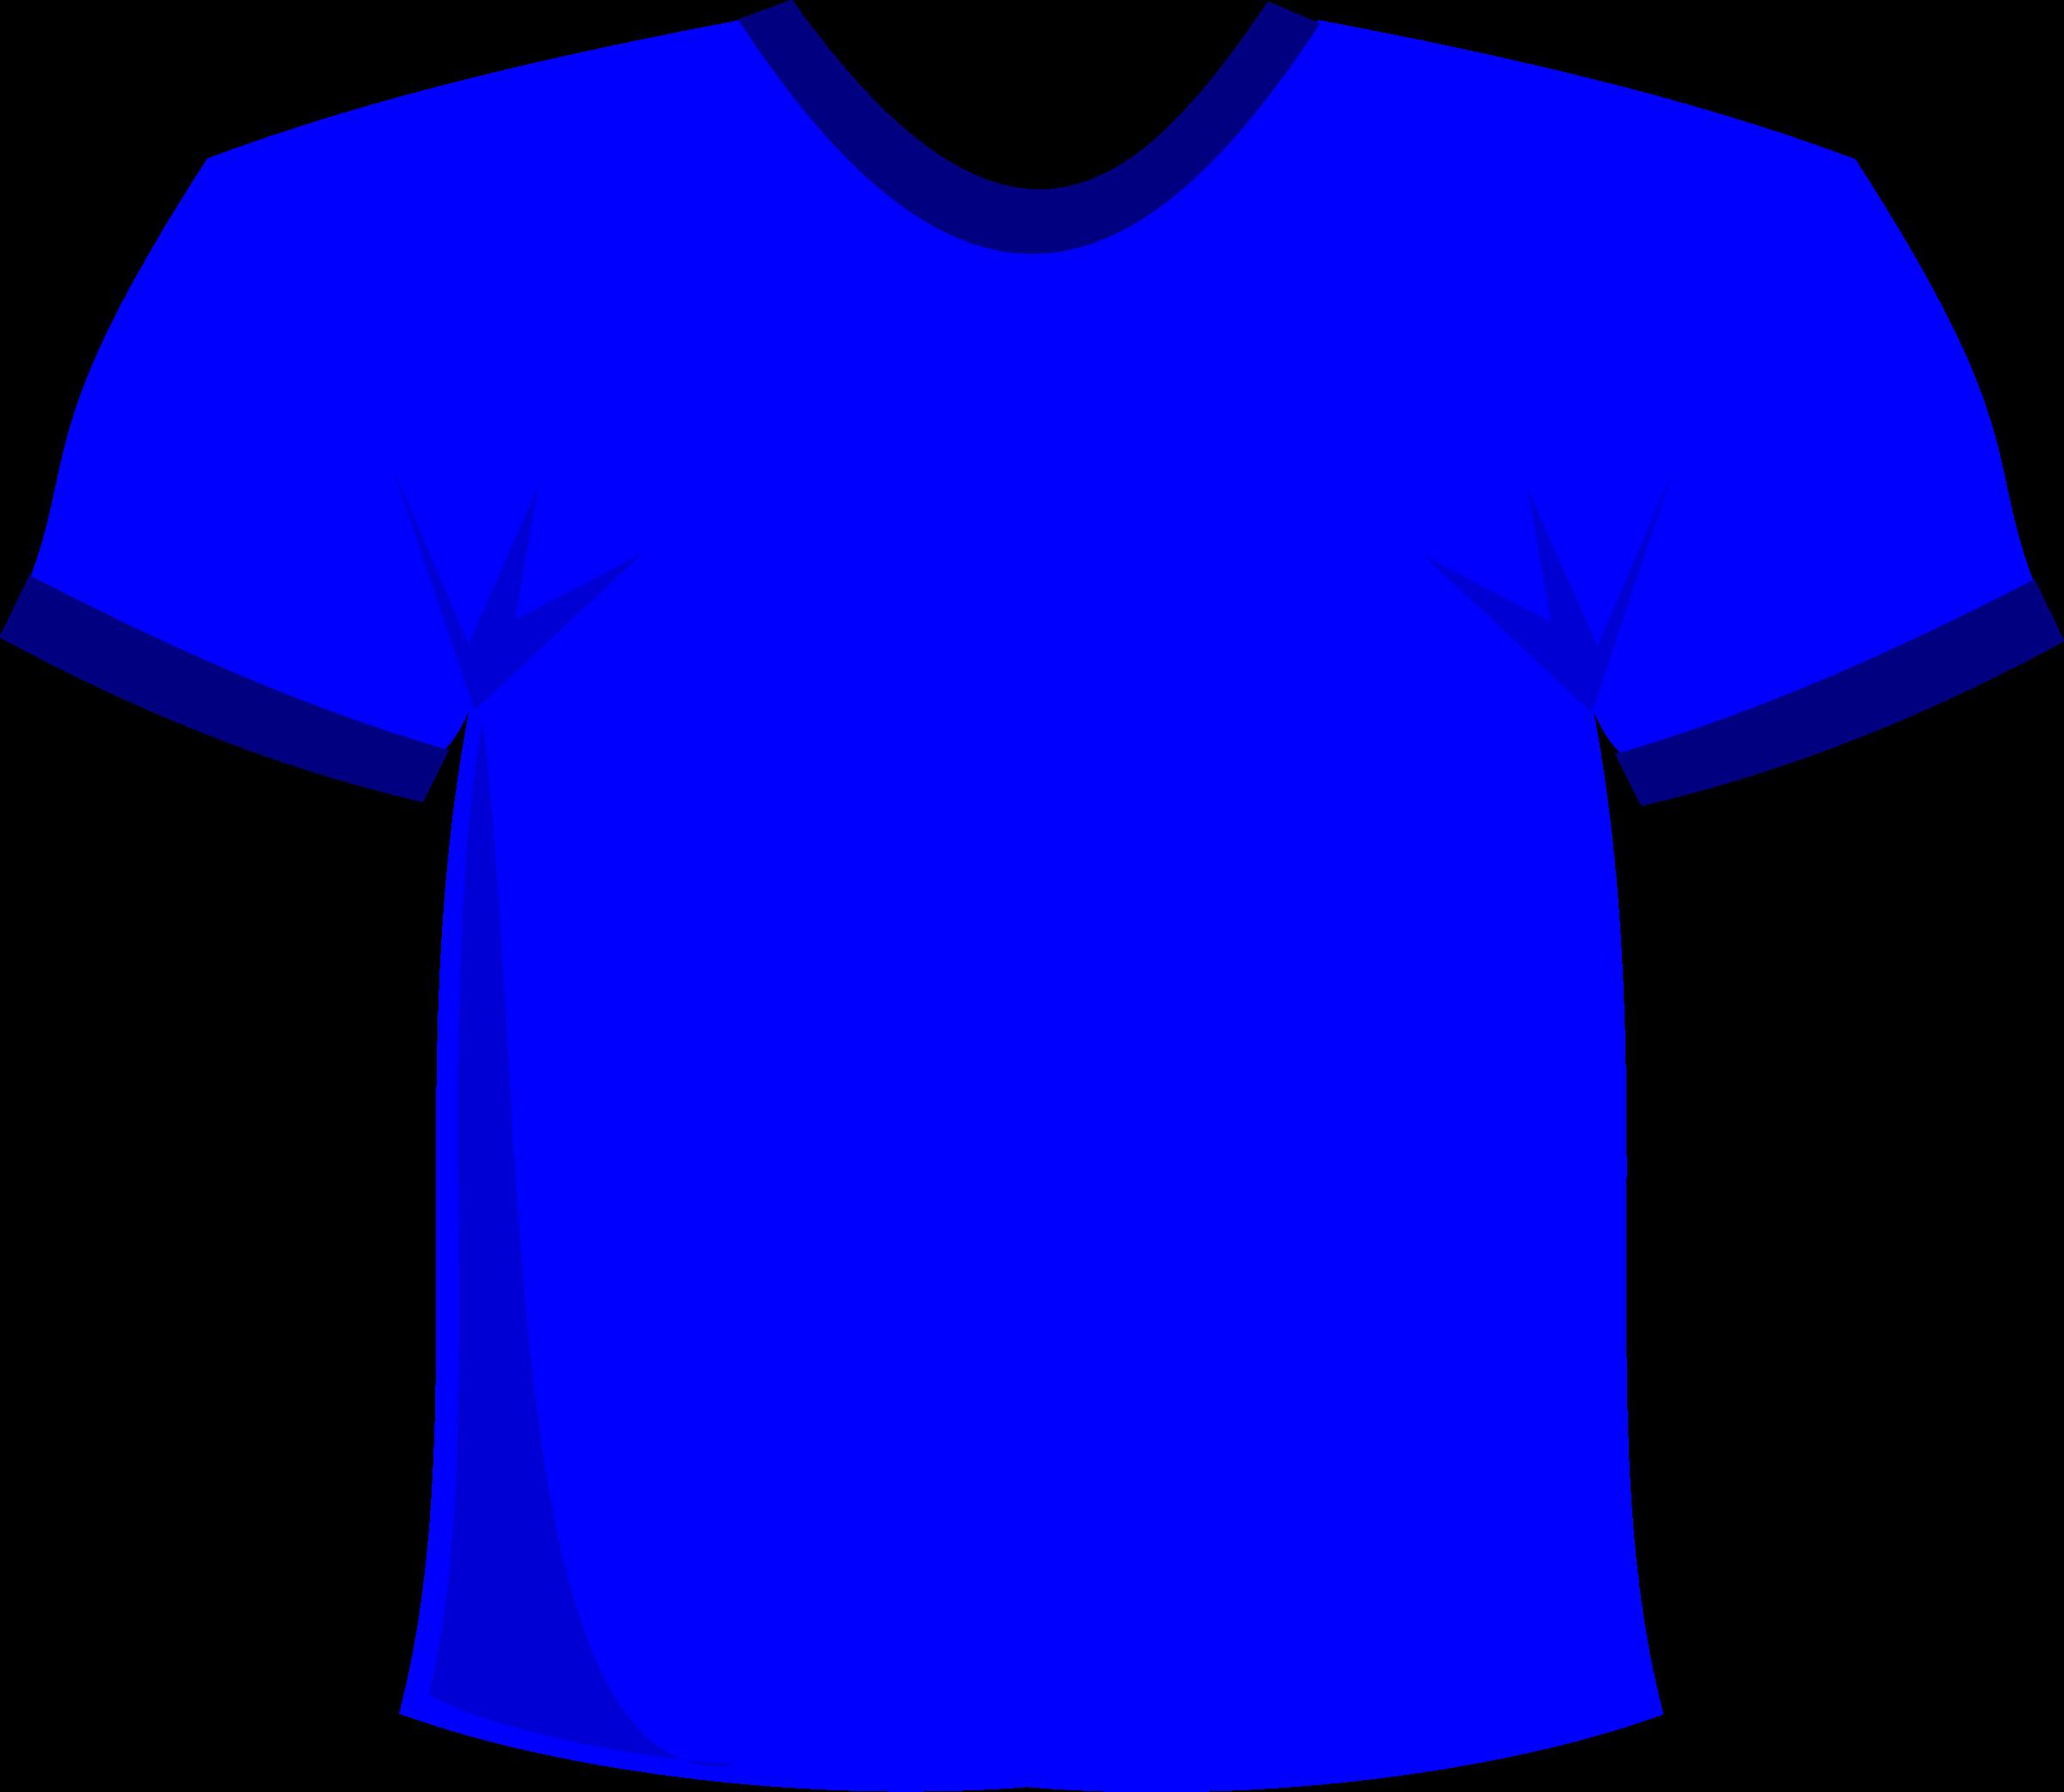 Blue Tshirt PNG - 81560